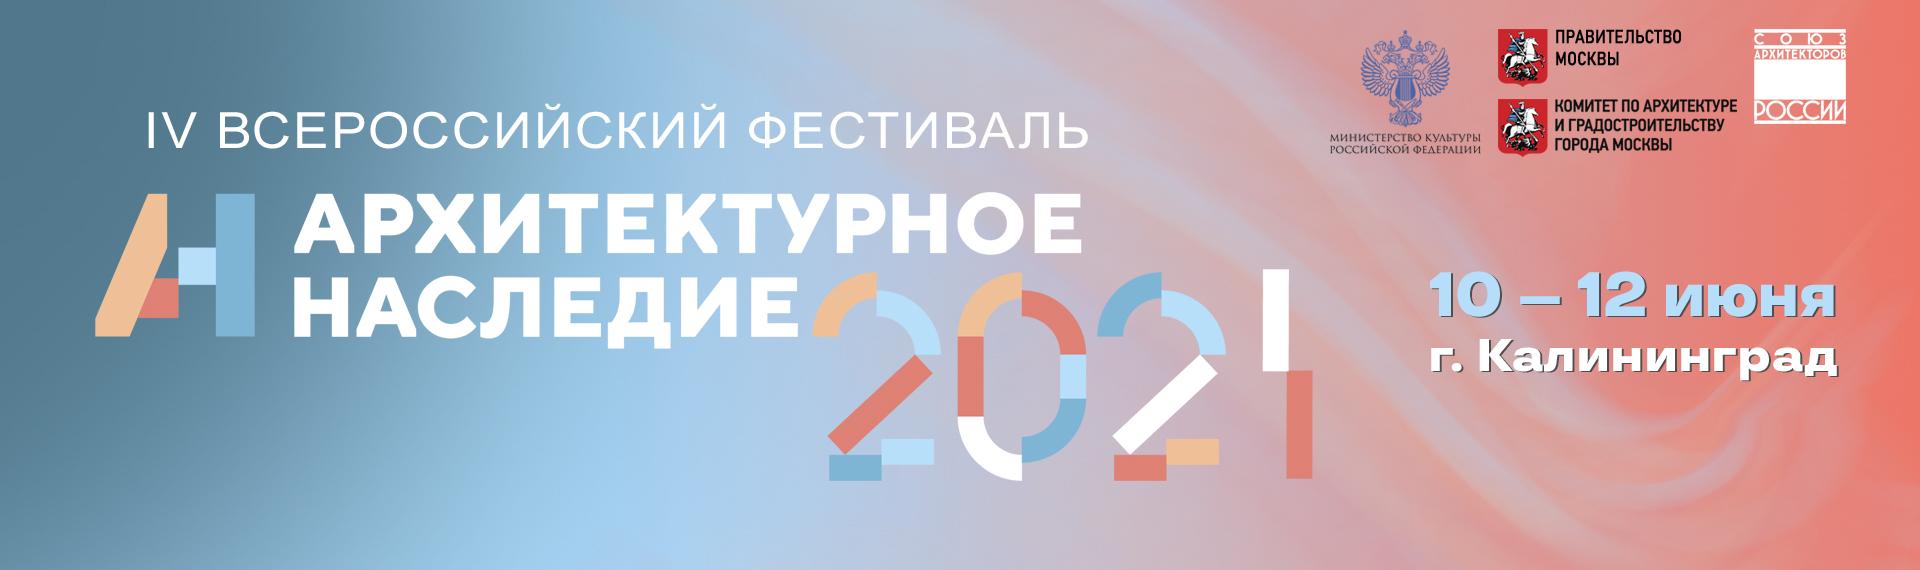 Фестиваль 'Архитектурное наследие 2020'